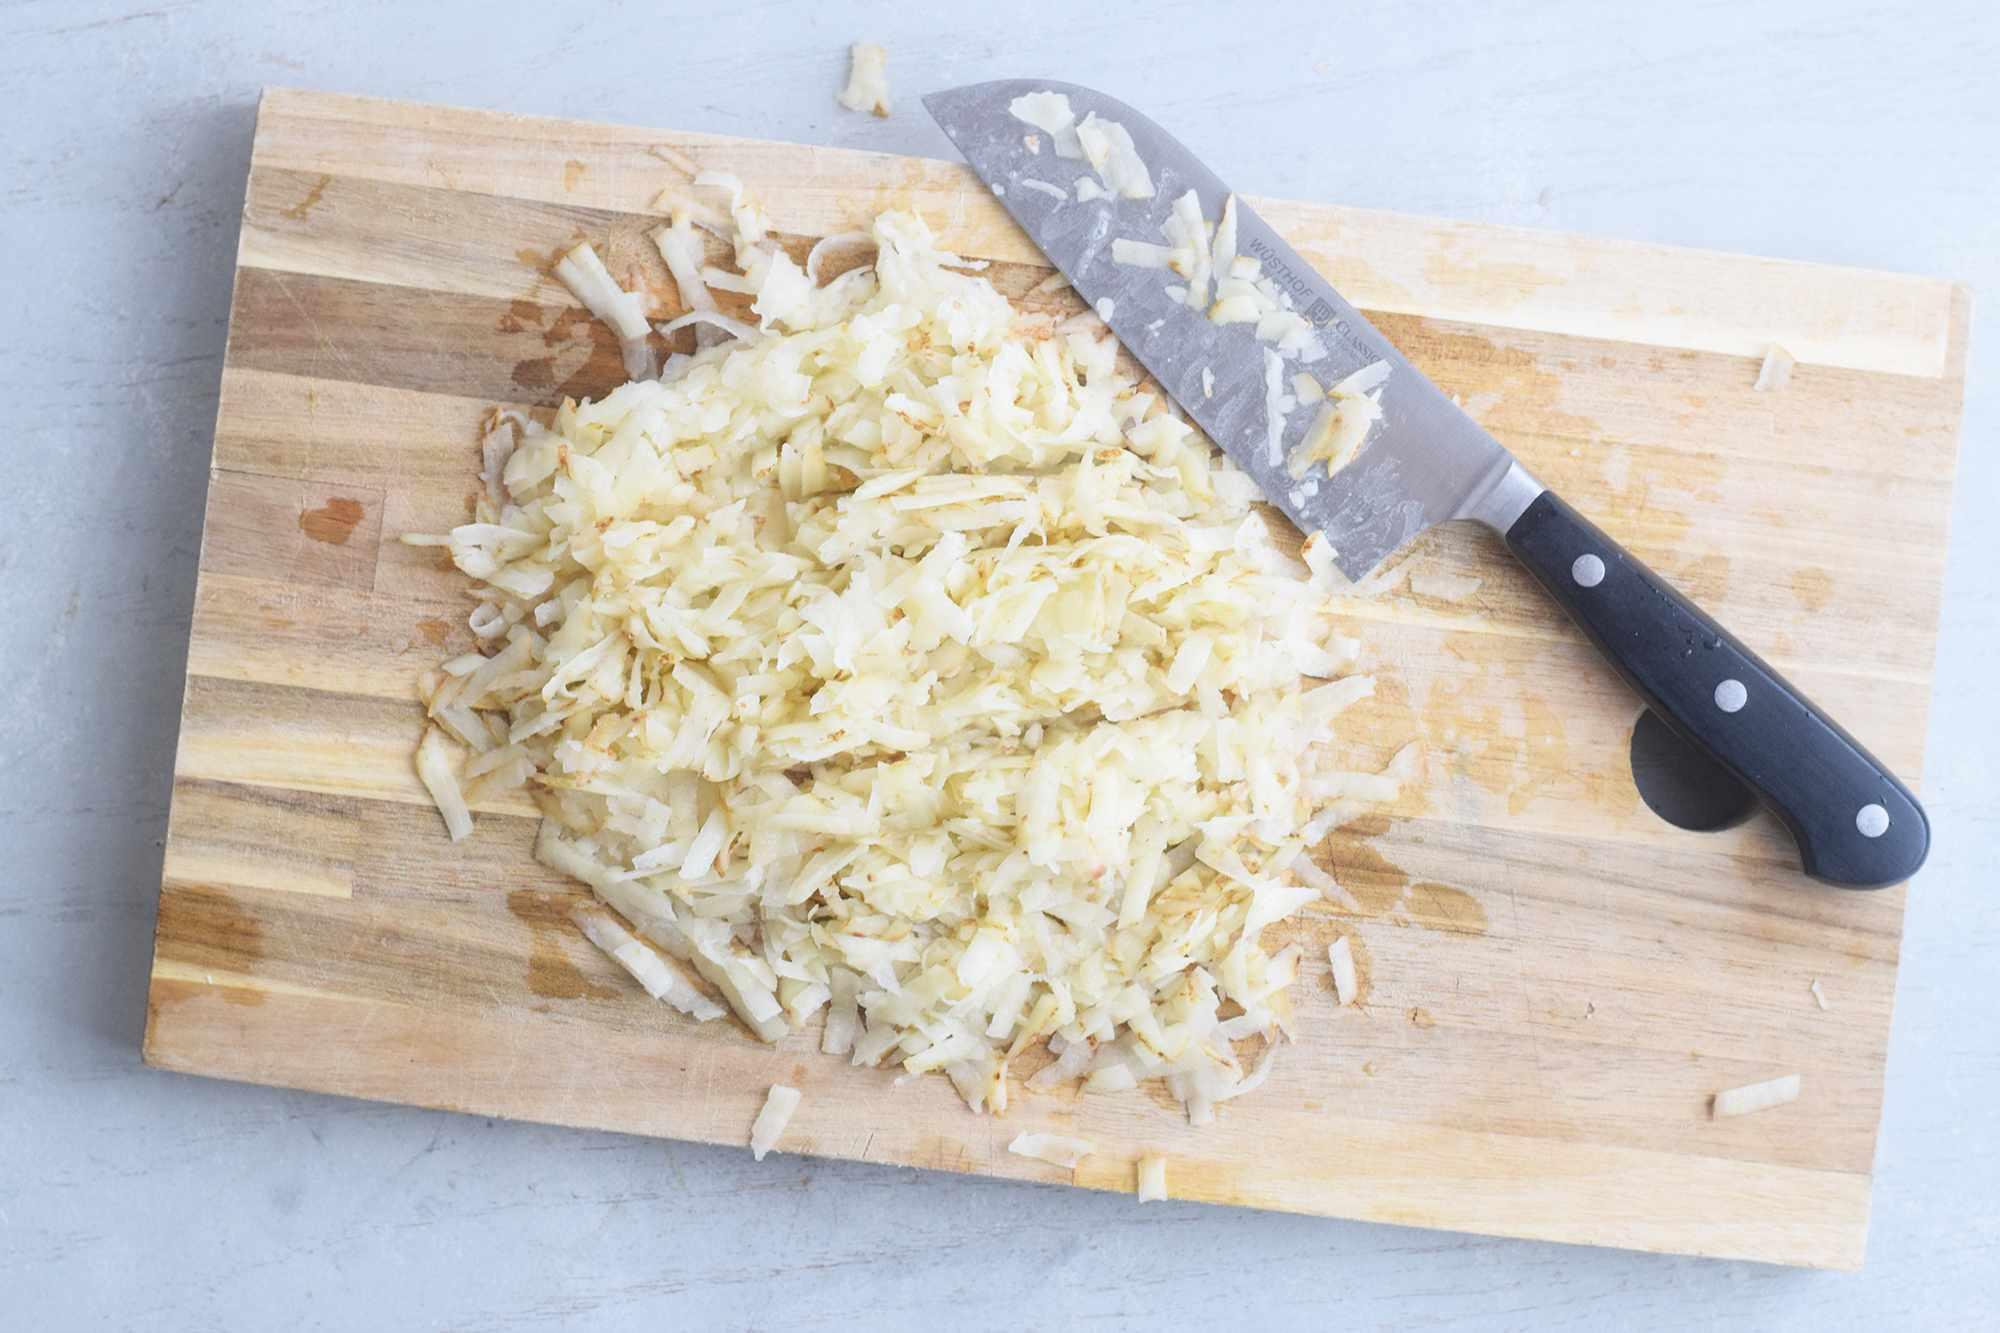 Chopping the potato shreds into smaller pieces